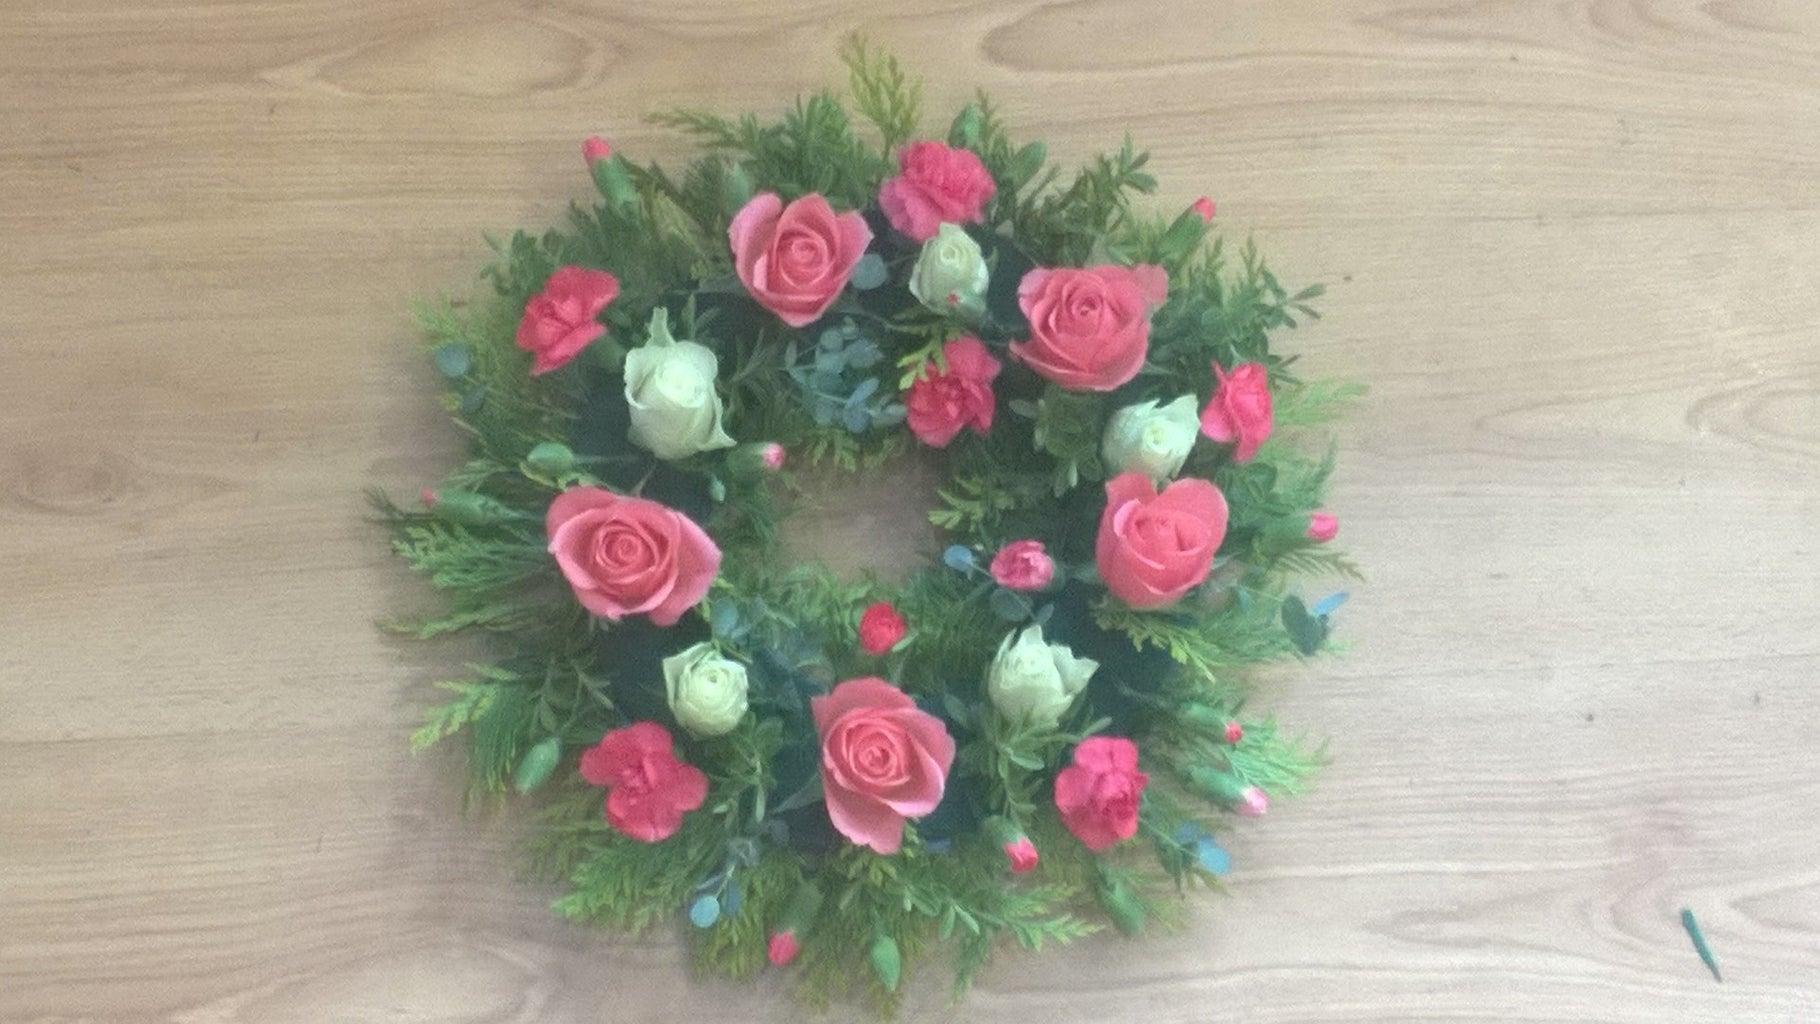 Adding the 5 Cream Roses